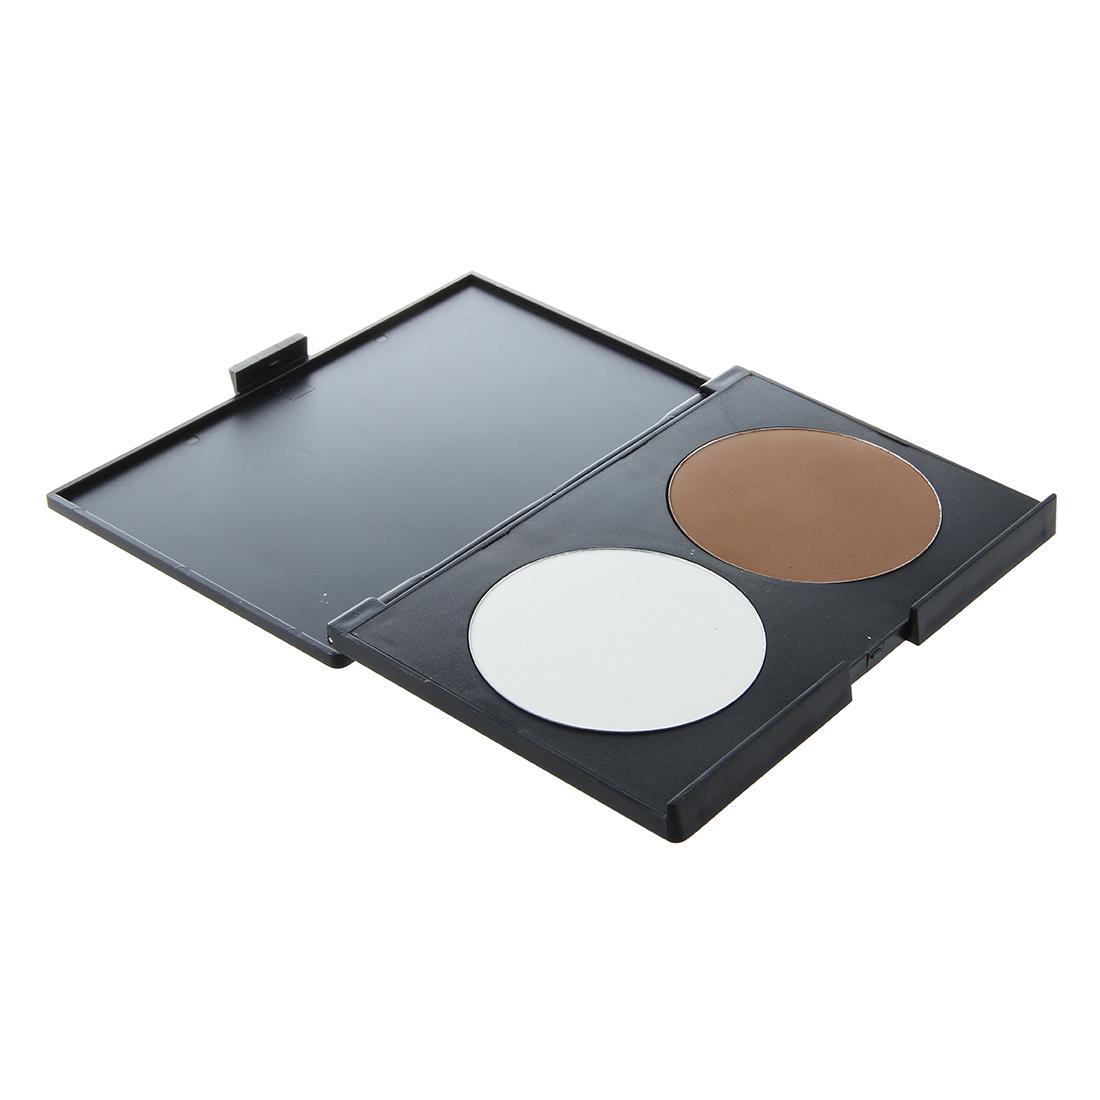 poudre compact fond de teint blanc brun couverture fondation maquillage wt ebay. Black Bedroom Furniture Sets. Home Design Ideas